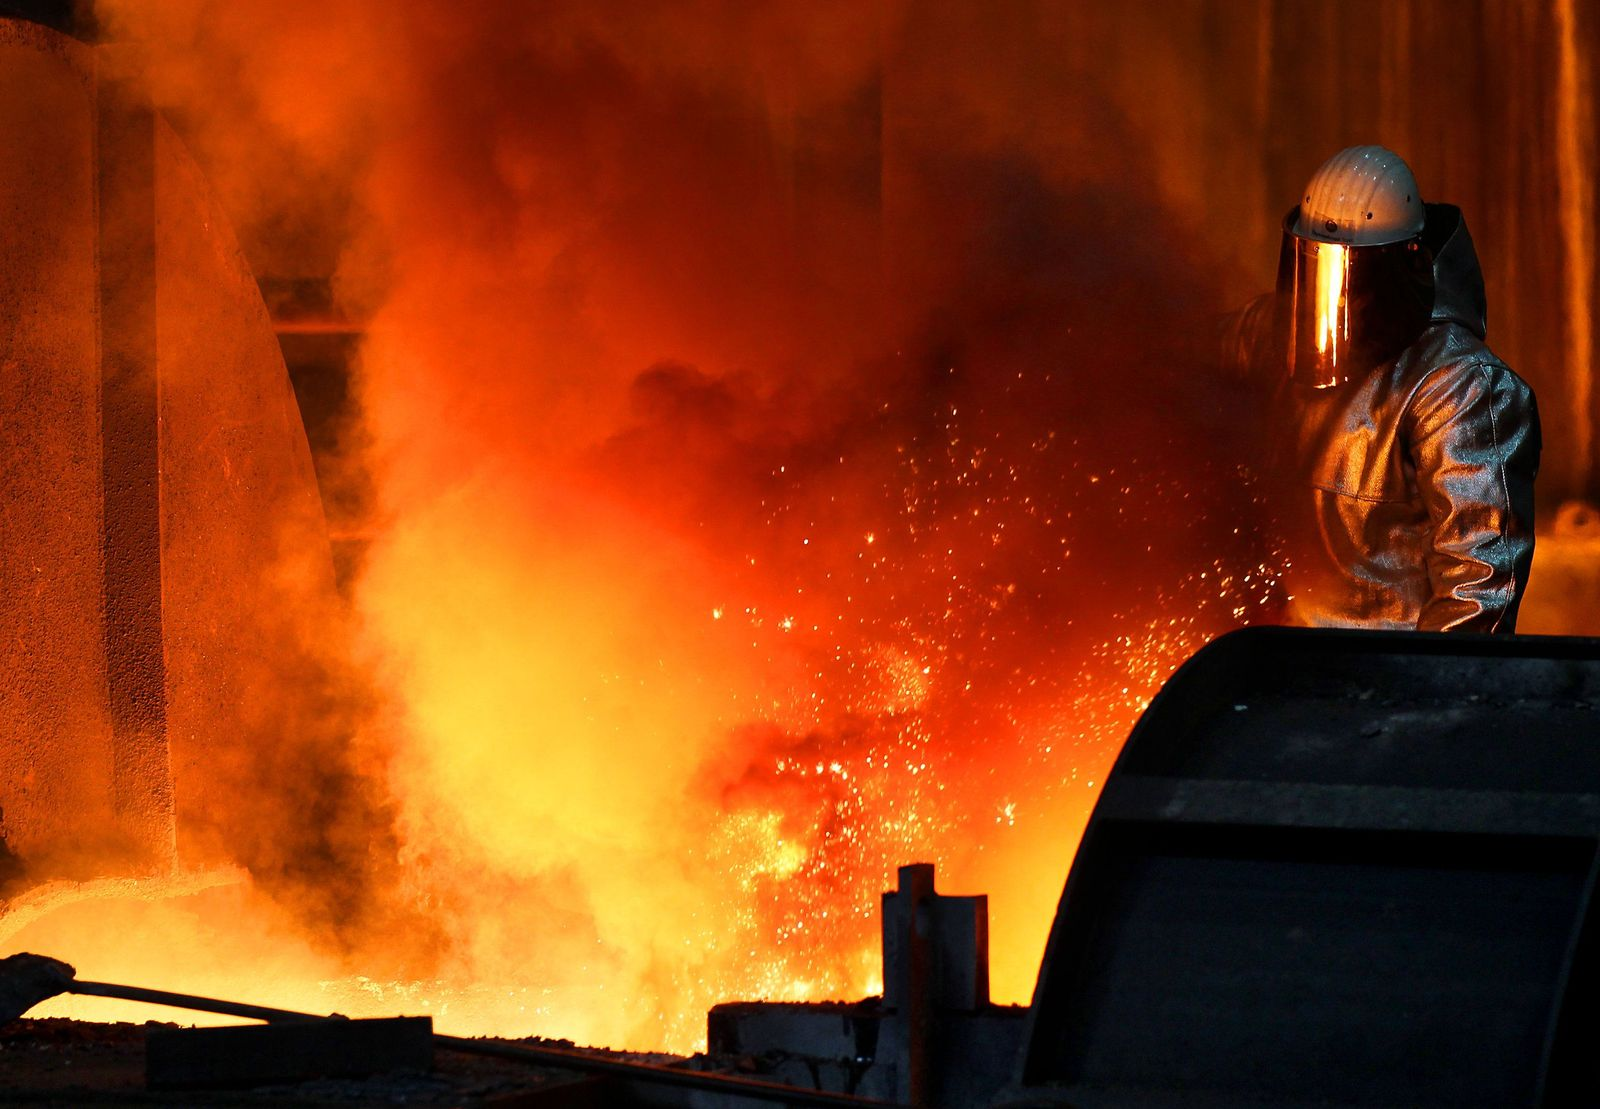 Thyssenkrupp - Stahlproduktion